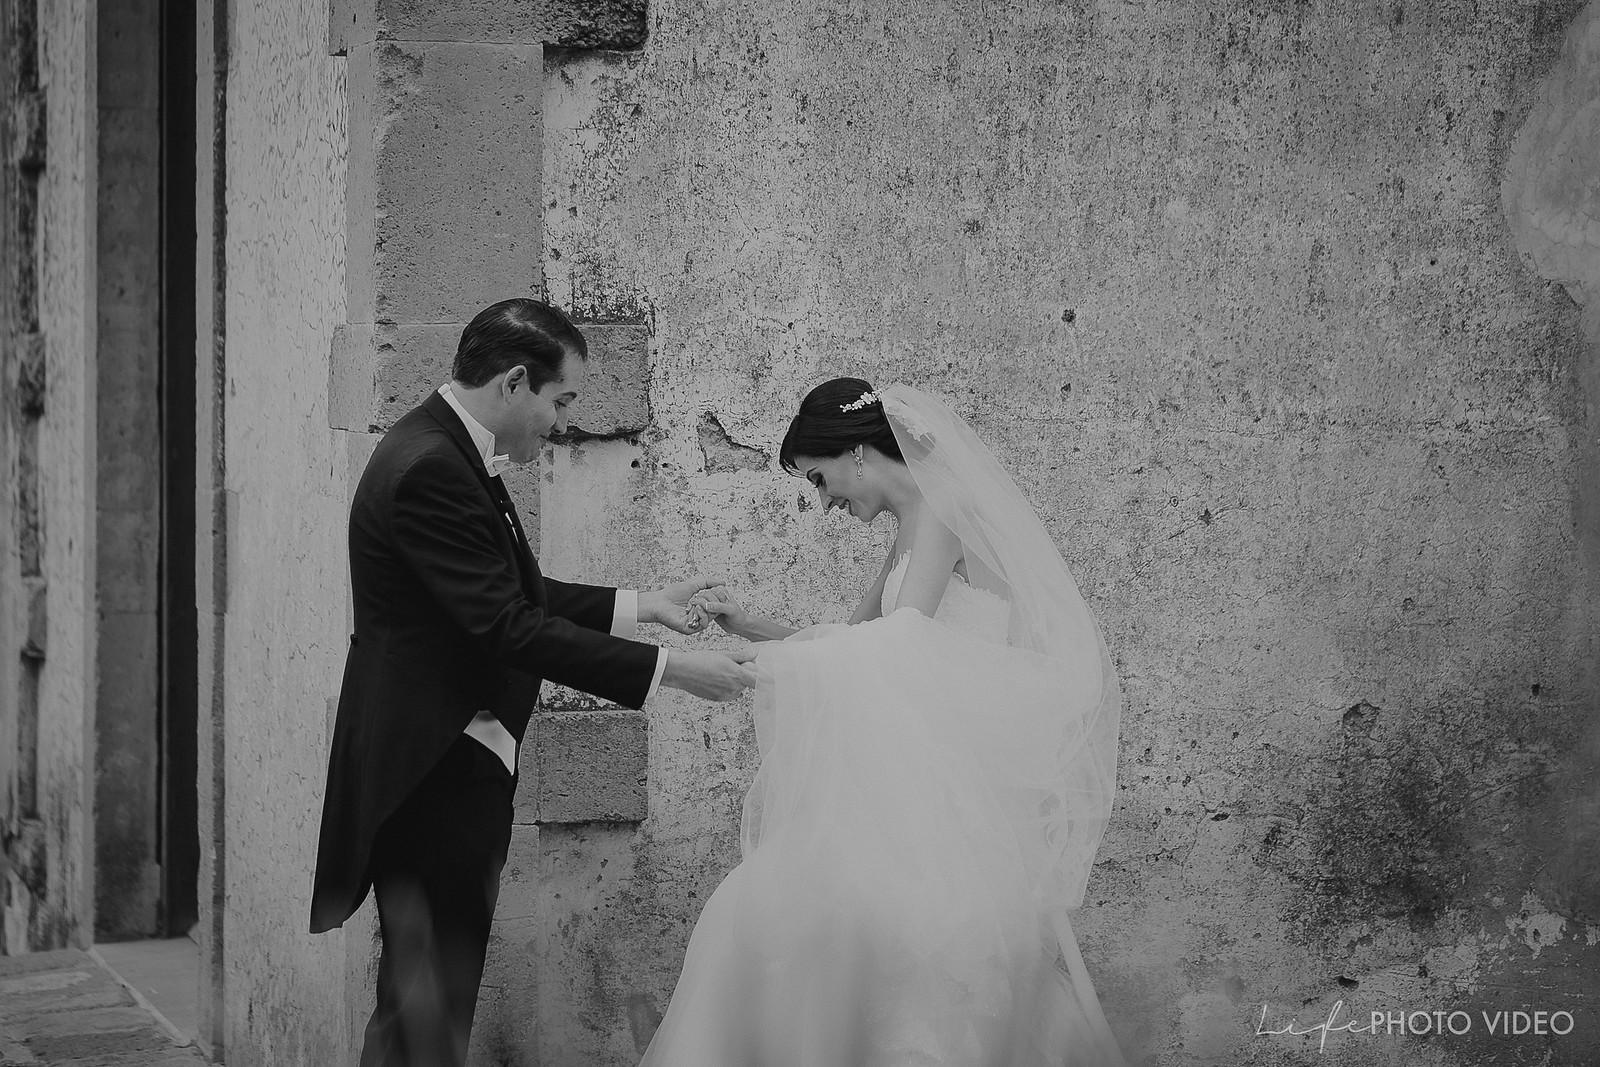 Boda_Leon_Guanajuato_Wedding_0022